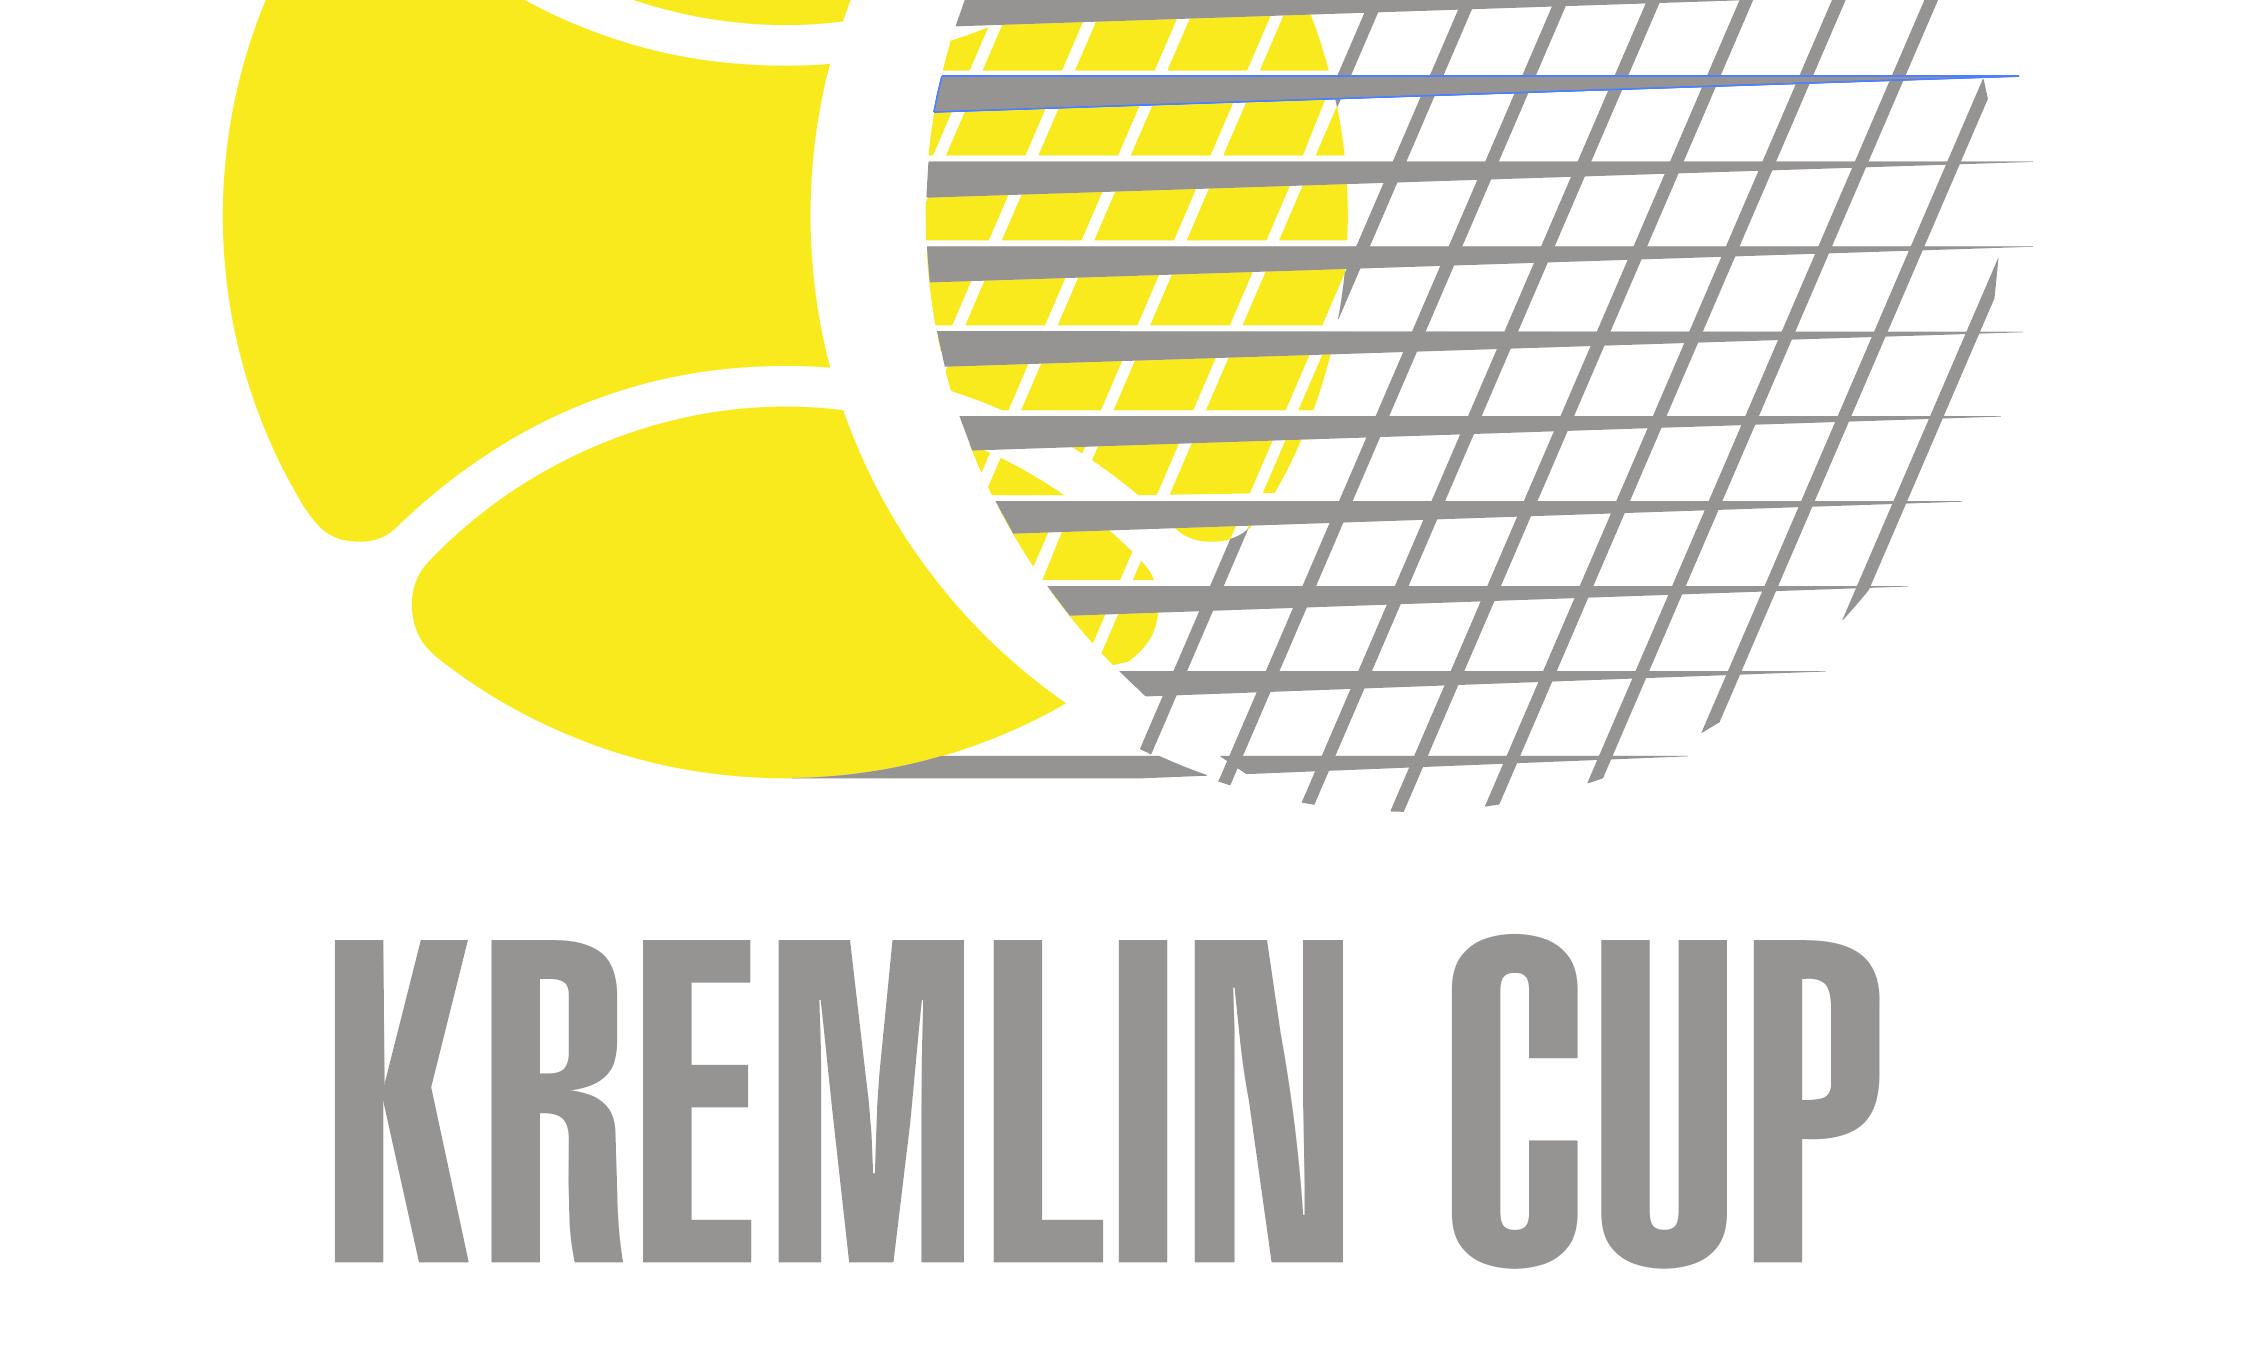 kremlin-cup